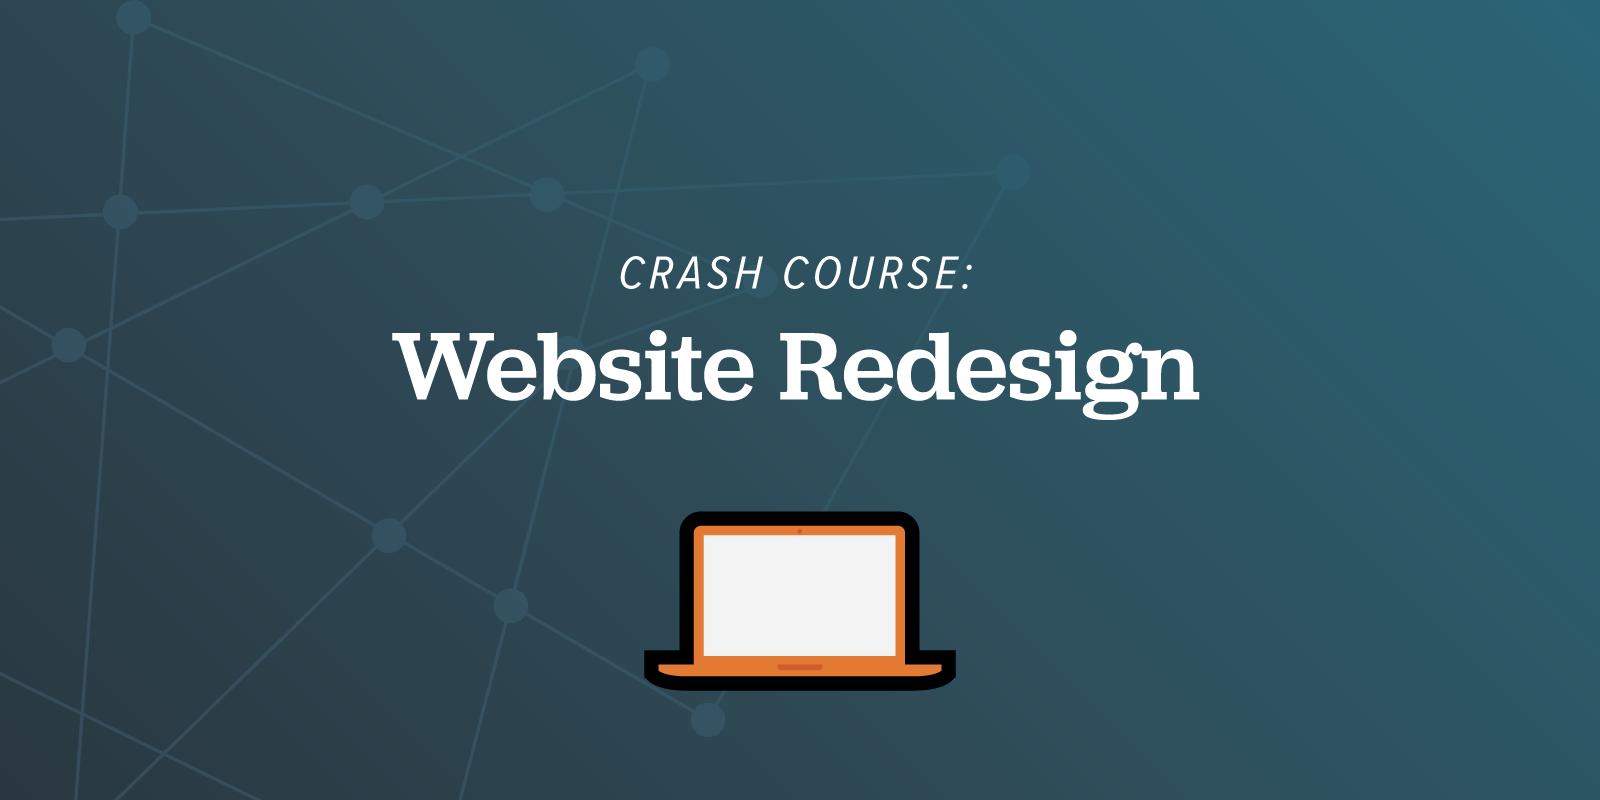 ArcStone Crash Course: Website Redesign